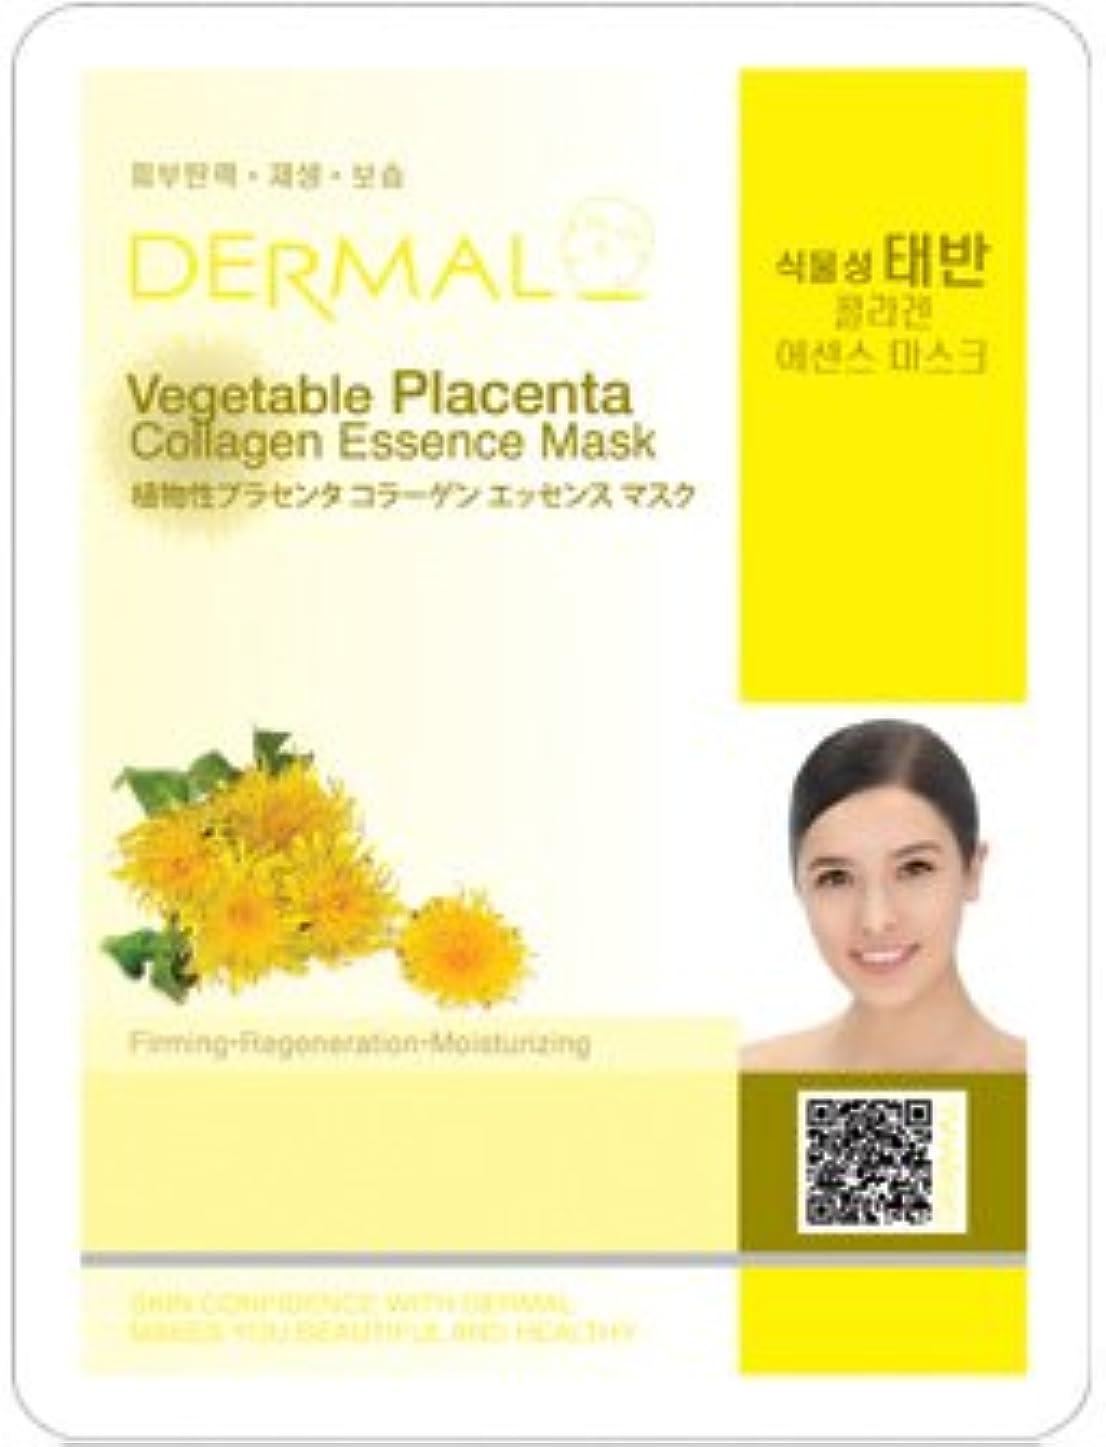 第五つらいライラックシートマスク 植物性プラセンタ 100枚 セット ダーマル(Dermal) フェイス パック